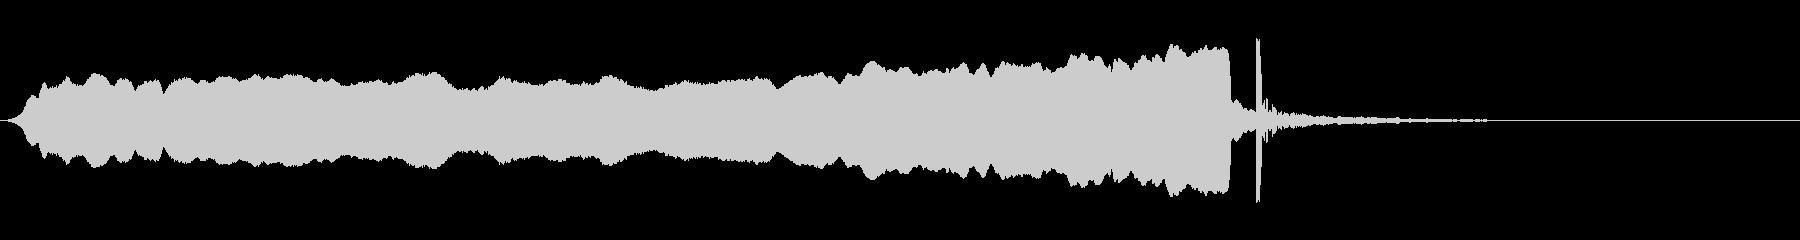 ヒュ〜ポン上昇#3 の未再生の波形